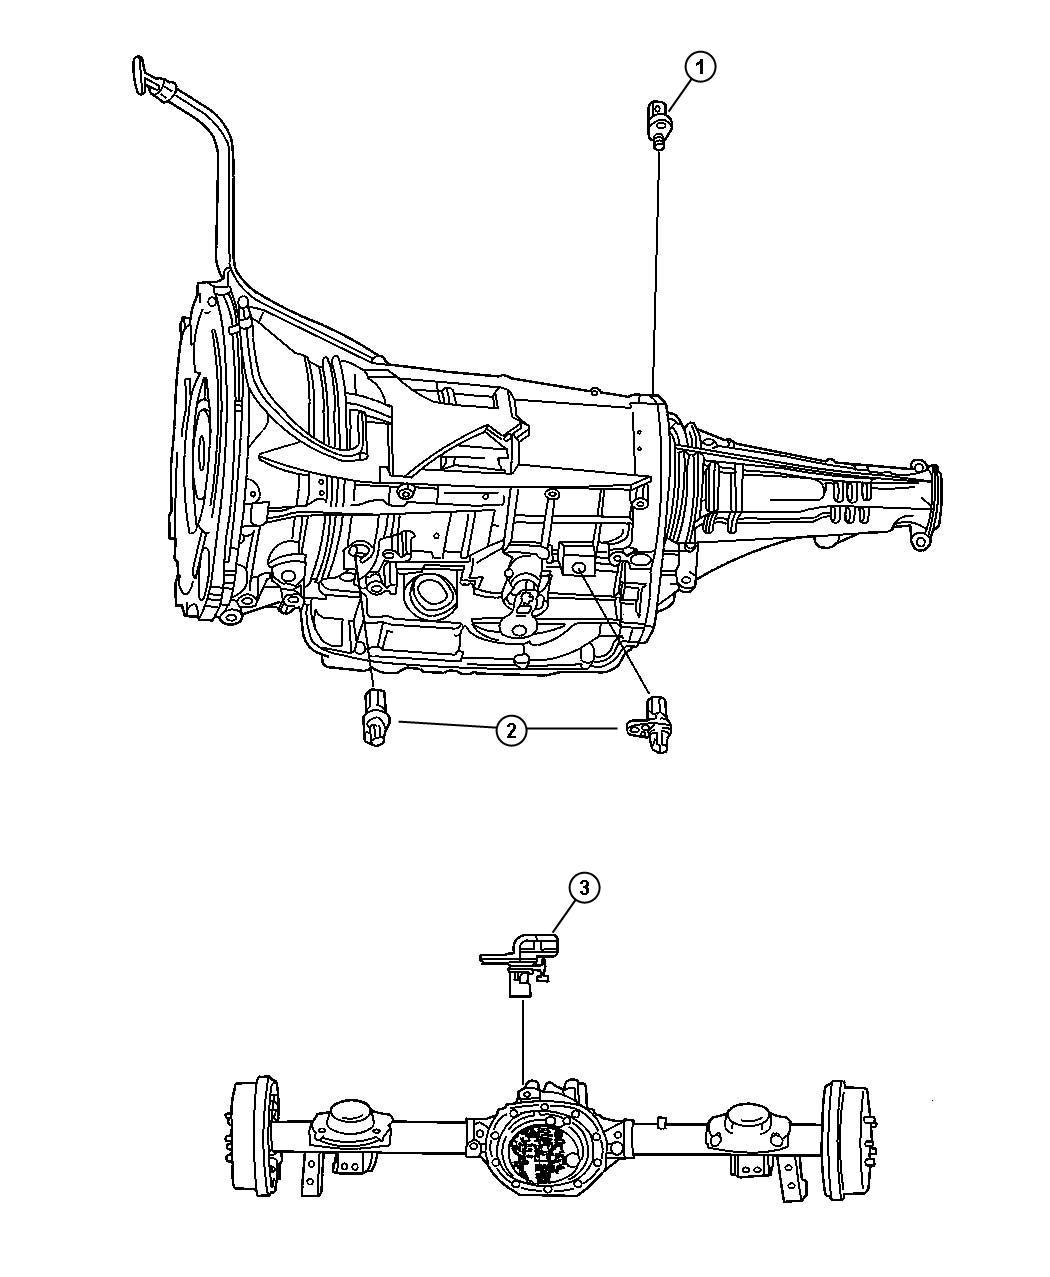 2004 Dodge Ram 1500 4x4, 5.7L V8 HEMI MDS VVT, 6-Spd